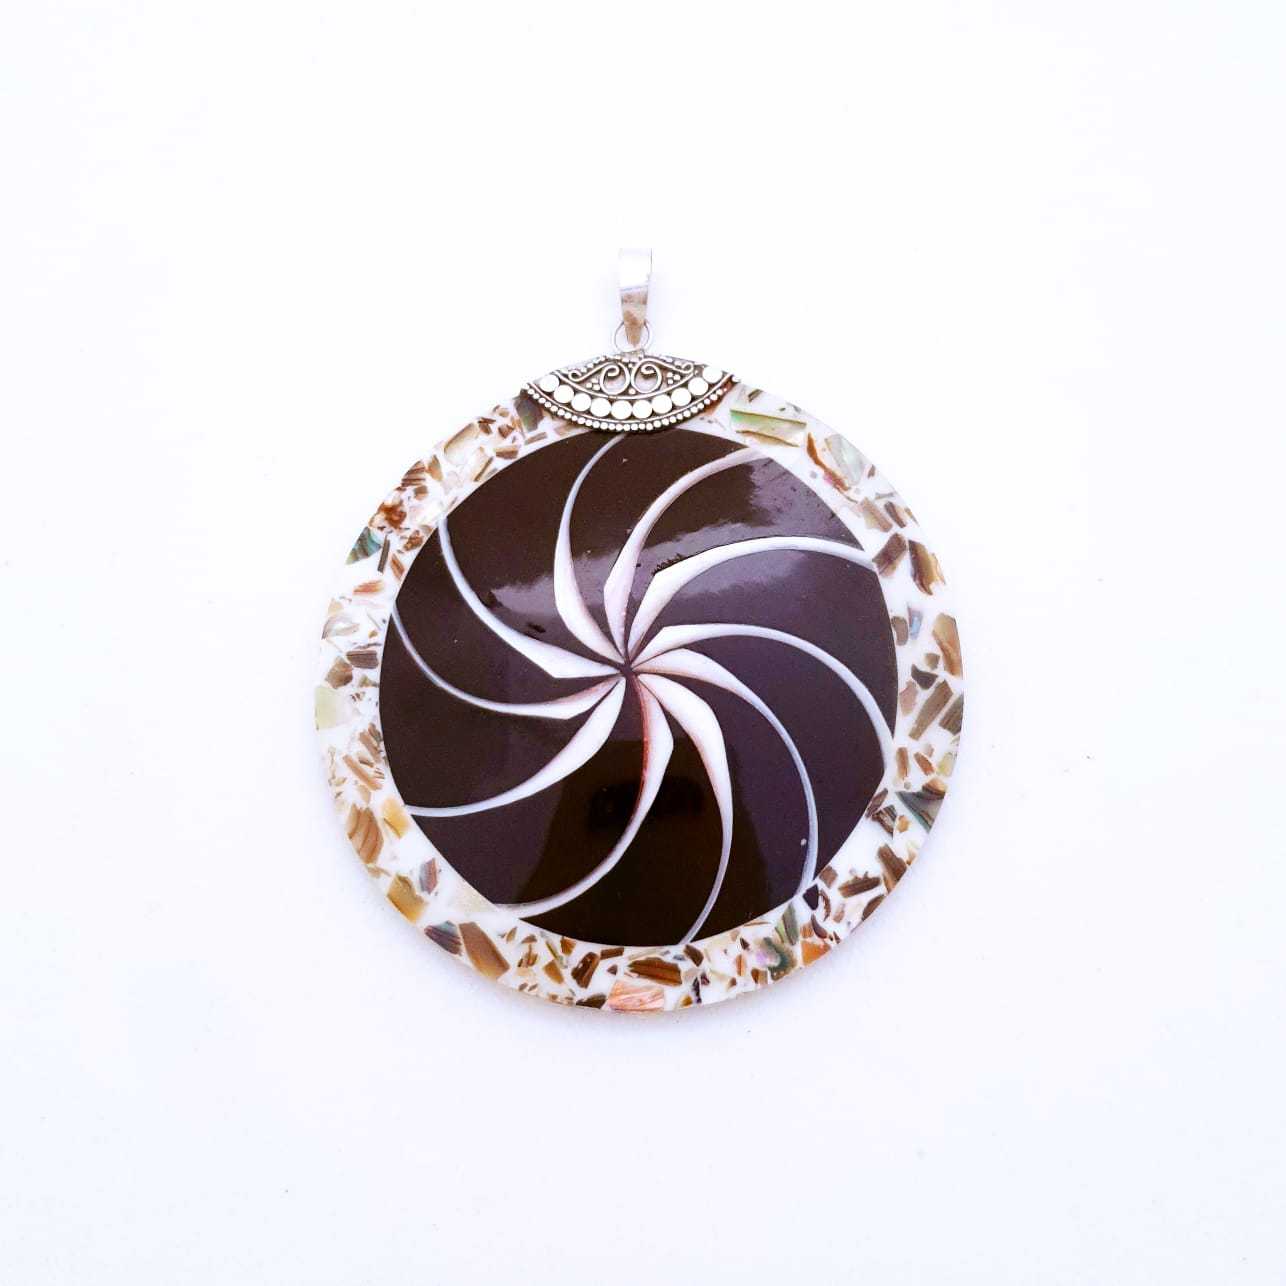 Pingente de Prata Mandala Mosaico